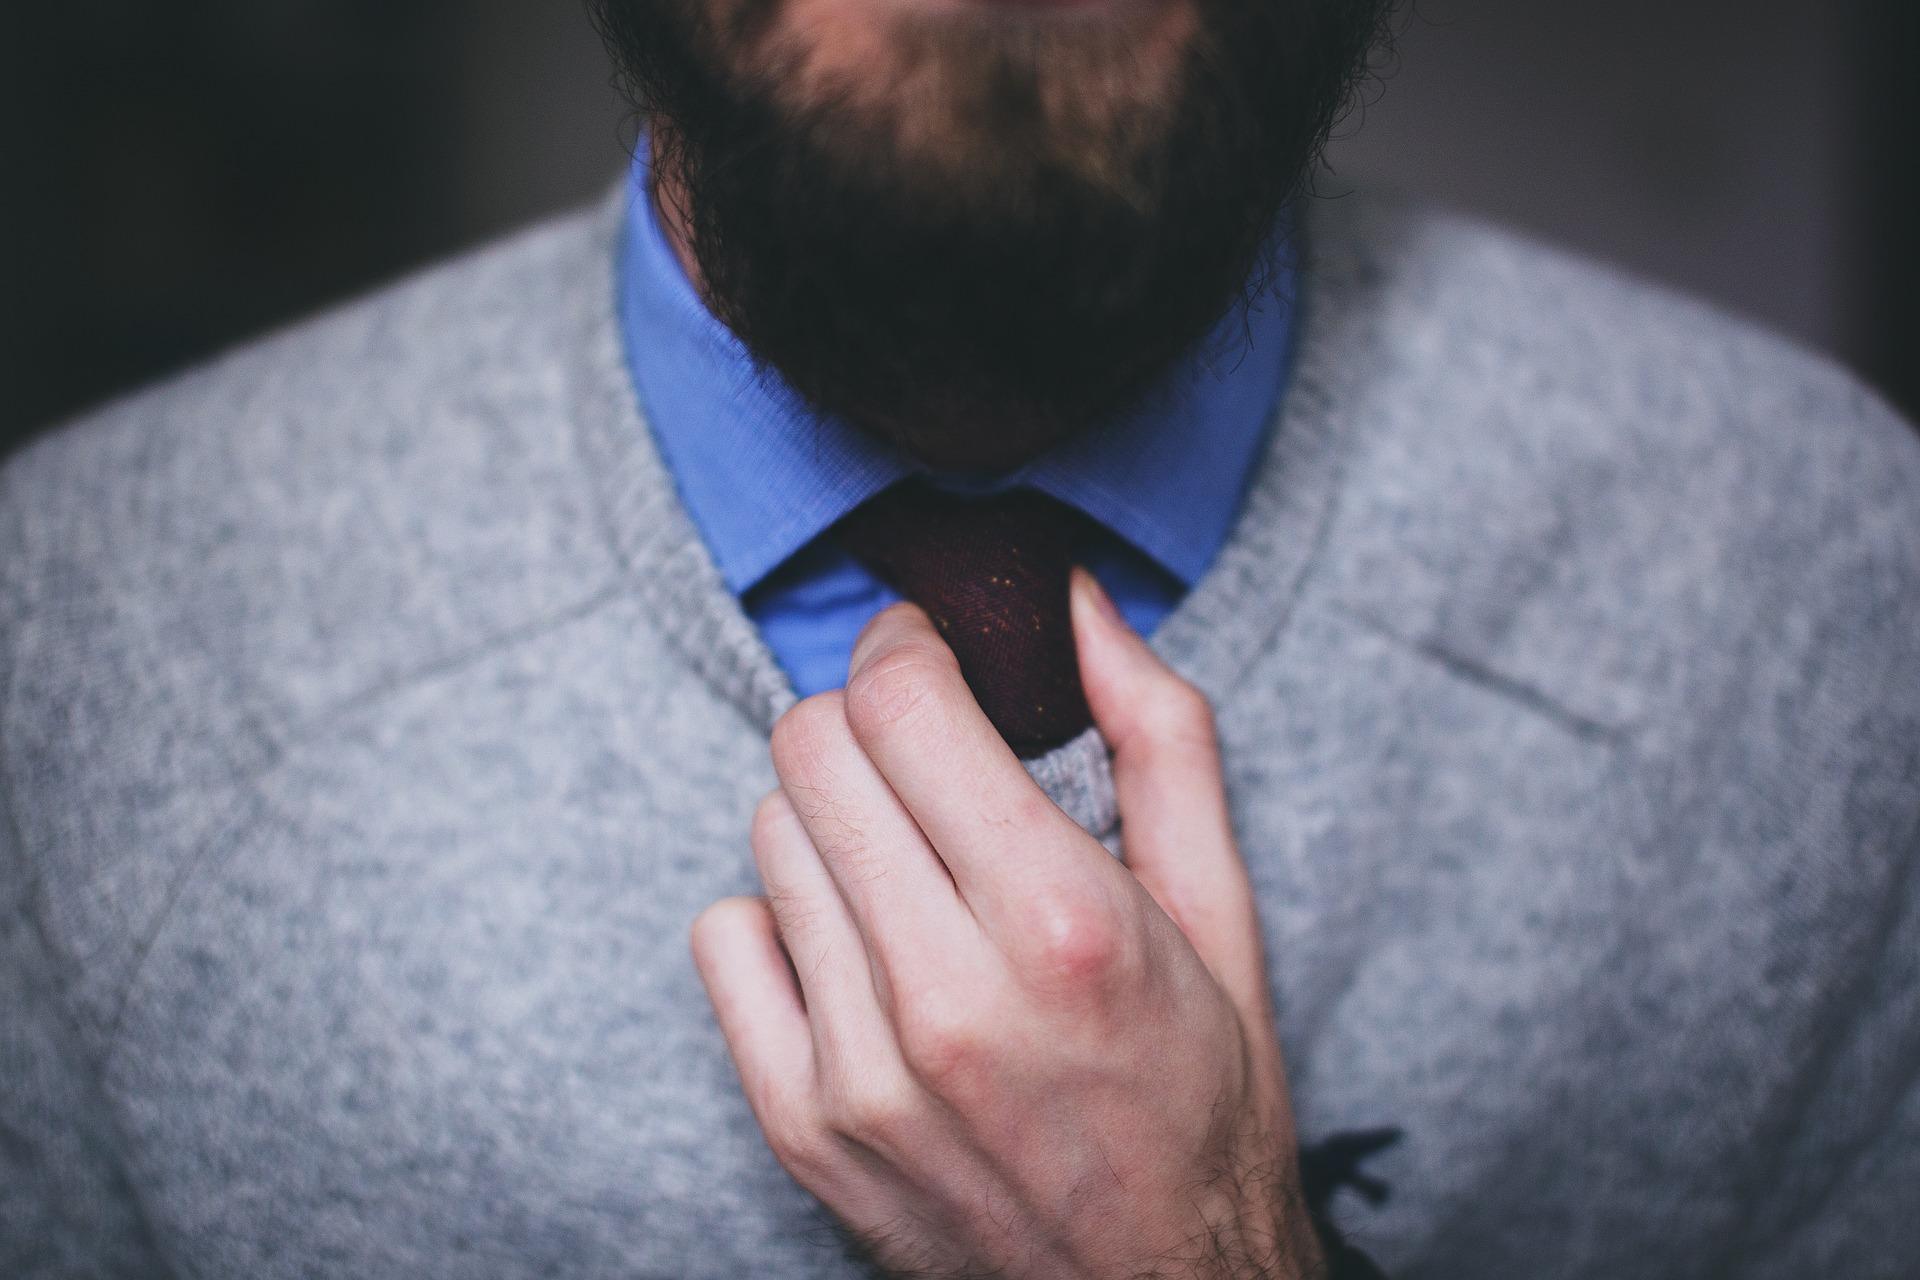 Vemos um homem de suéter ajeitando a gravata (imagem ilustrativa).